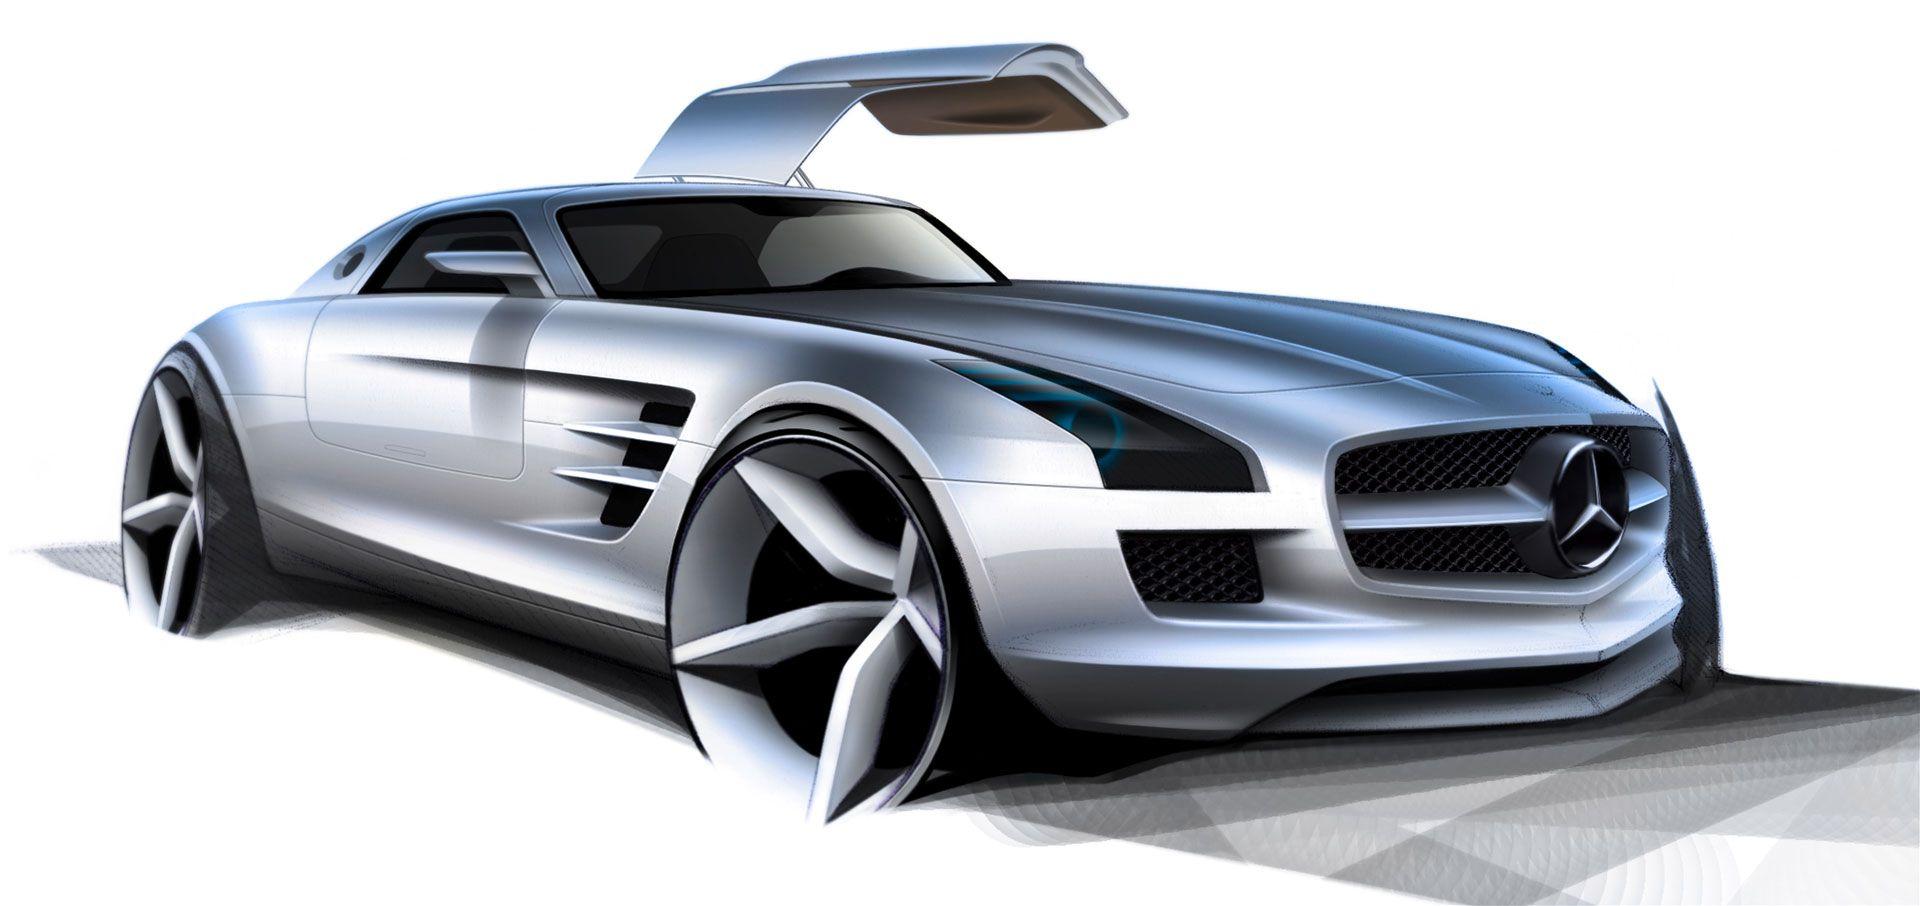 Mercedes benz sls amg clipart clip art black and white library mercedes benz sls amg design sketch | Car design sketch ... clip art black and white library